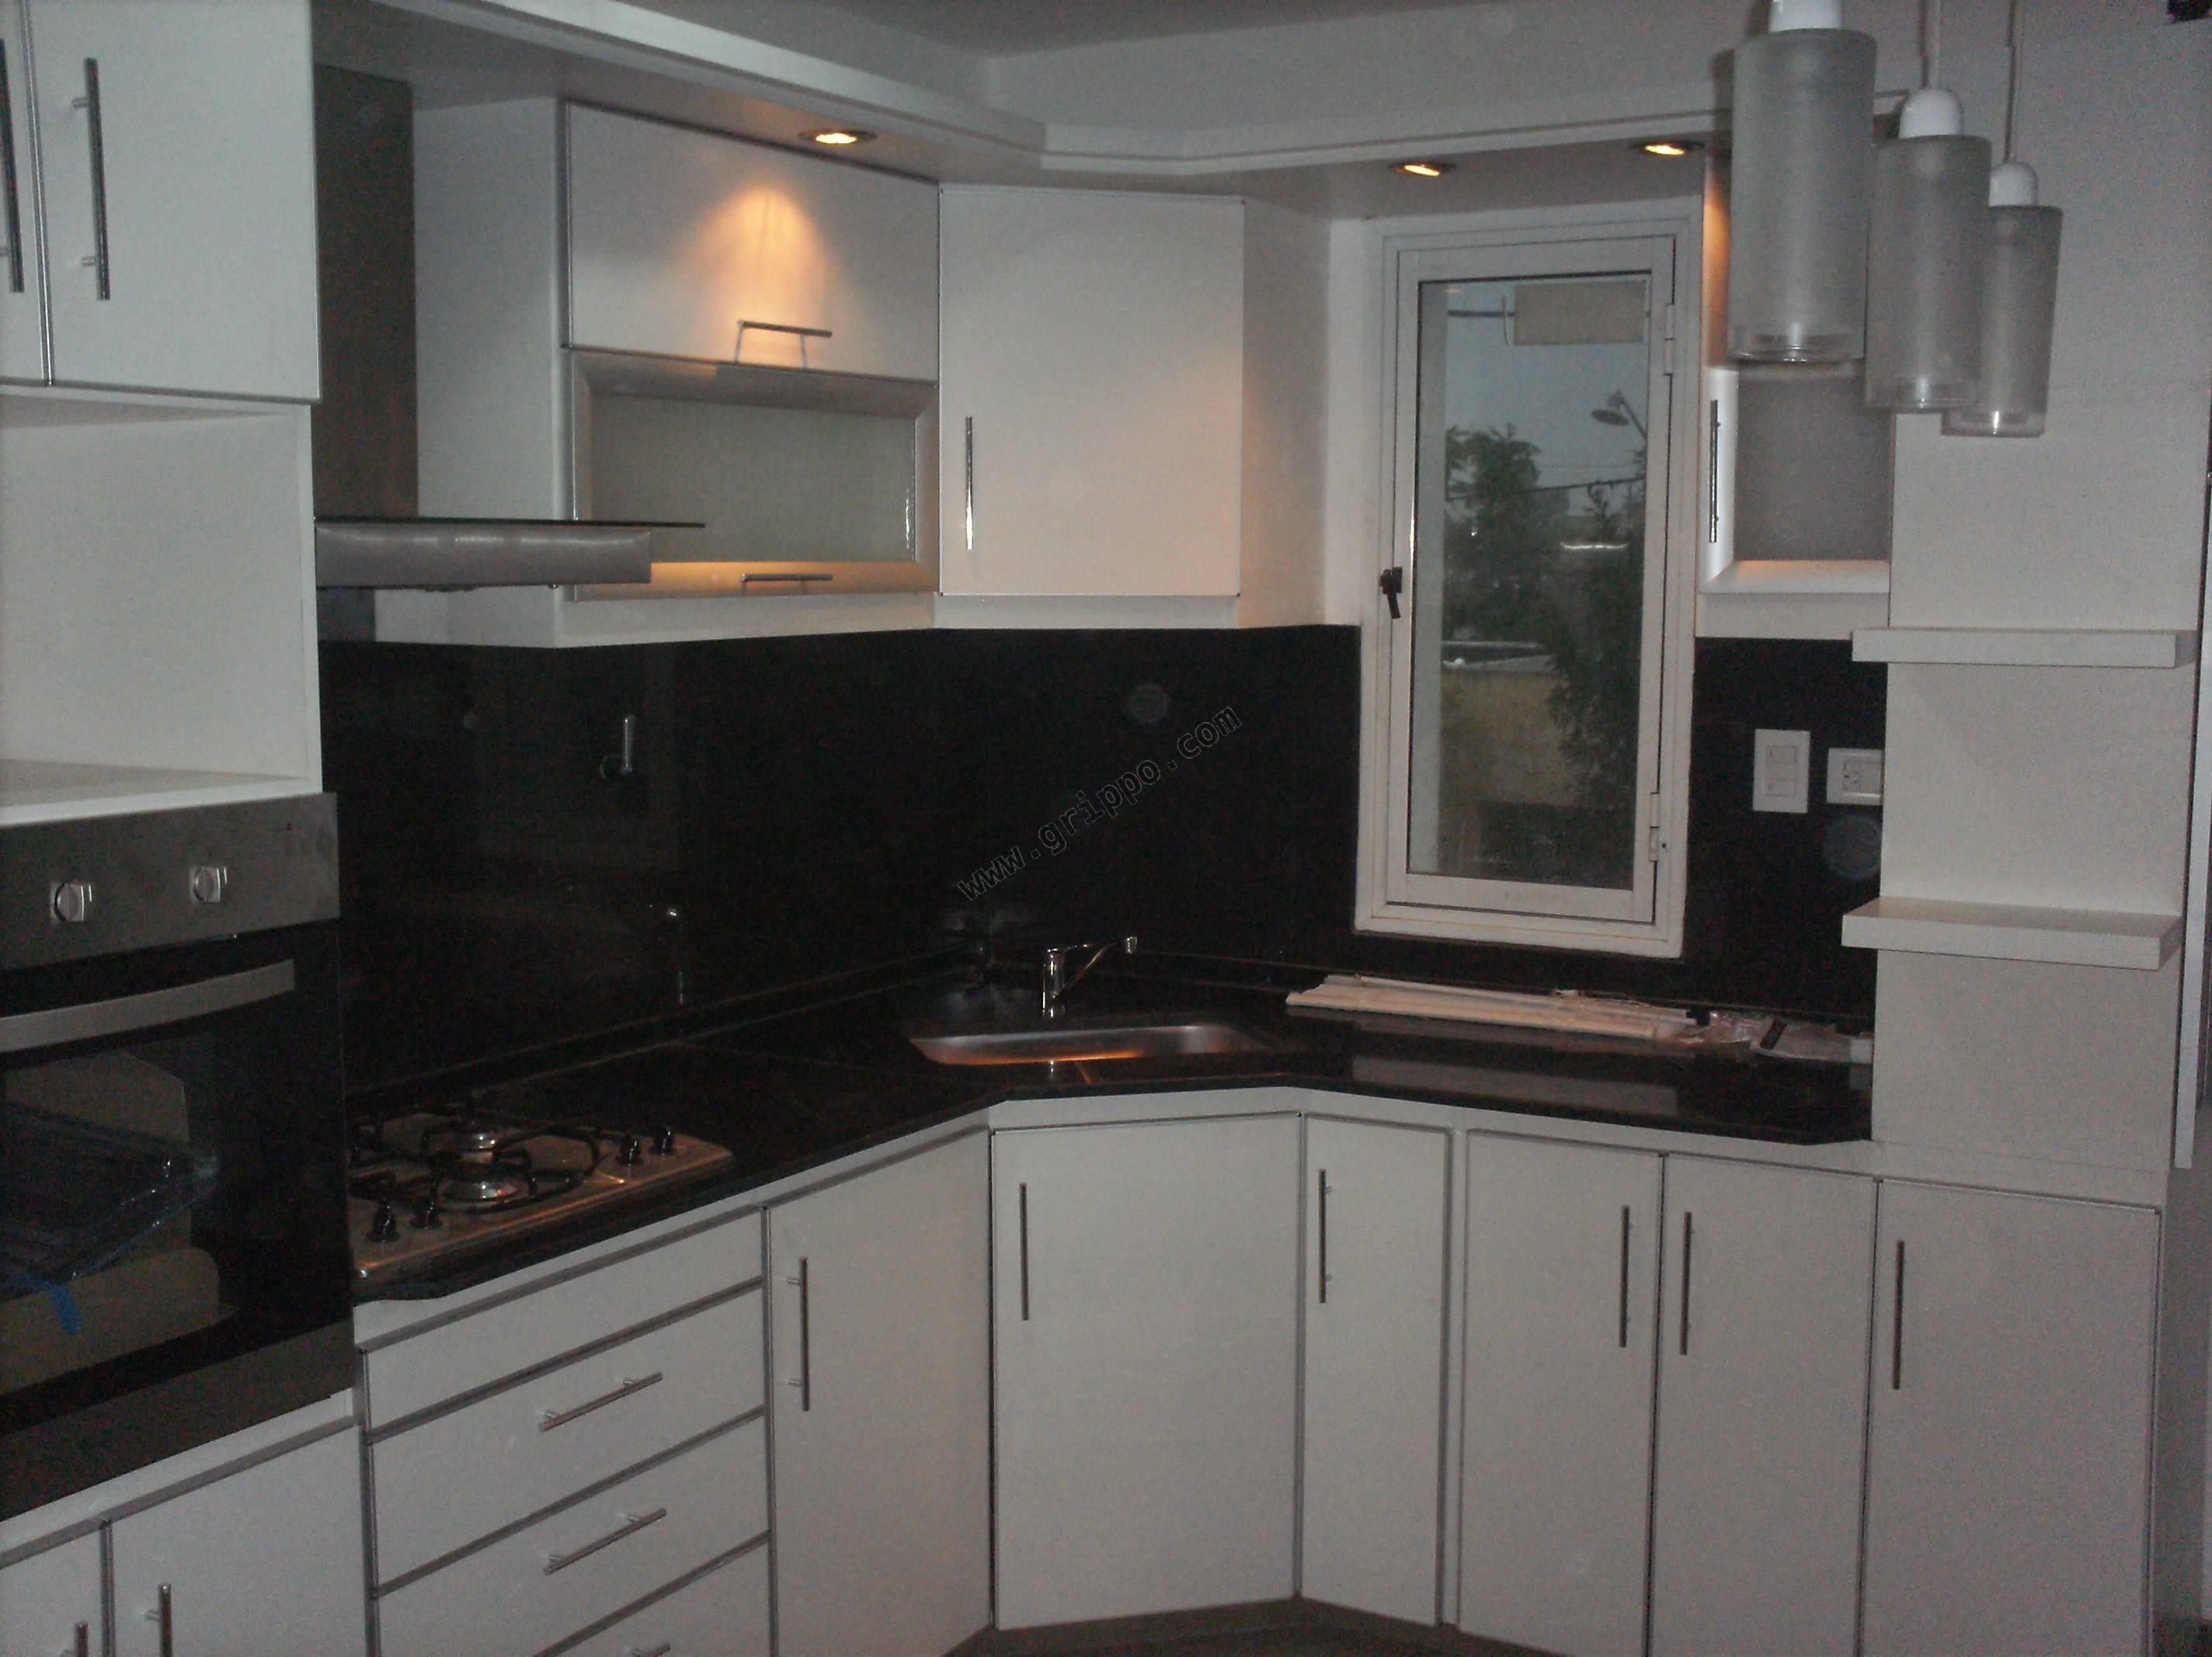 amoblamientos de cocina muebles de cocina vestidores